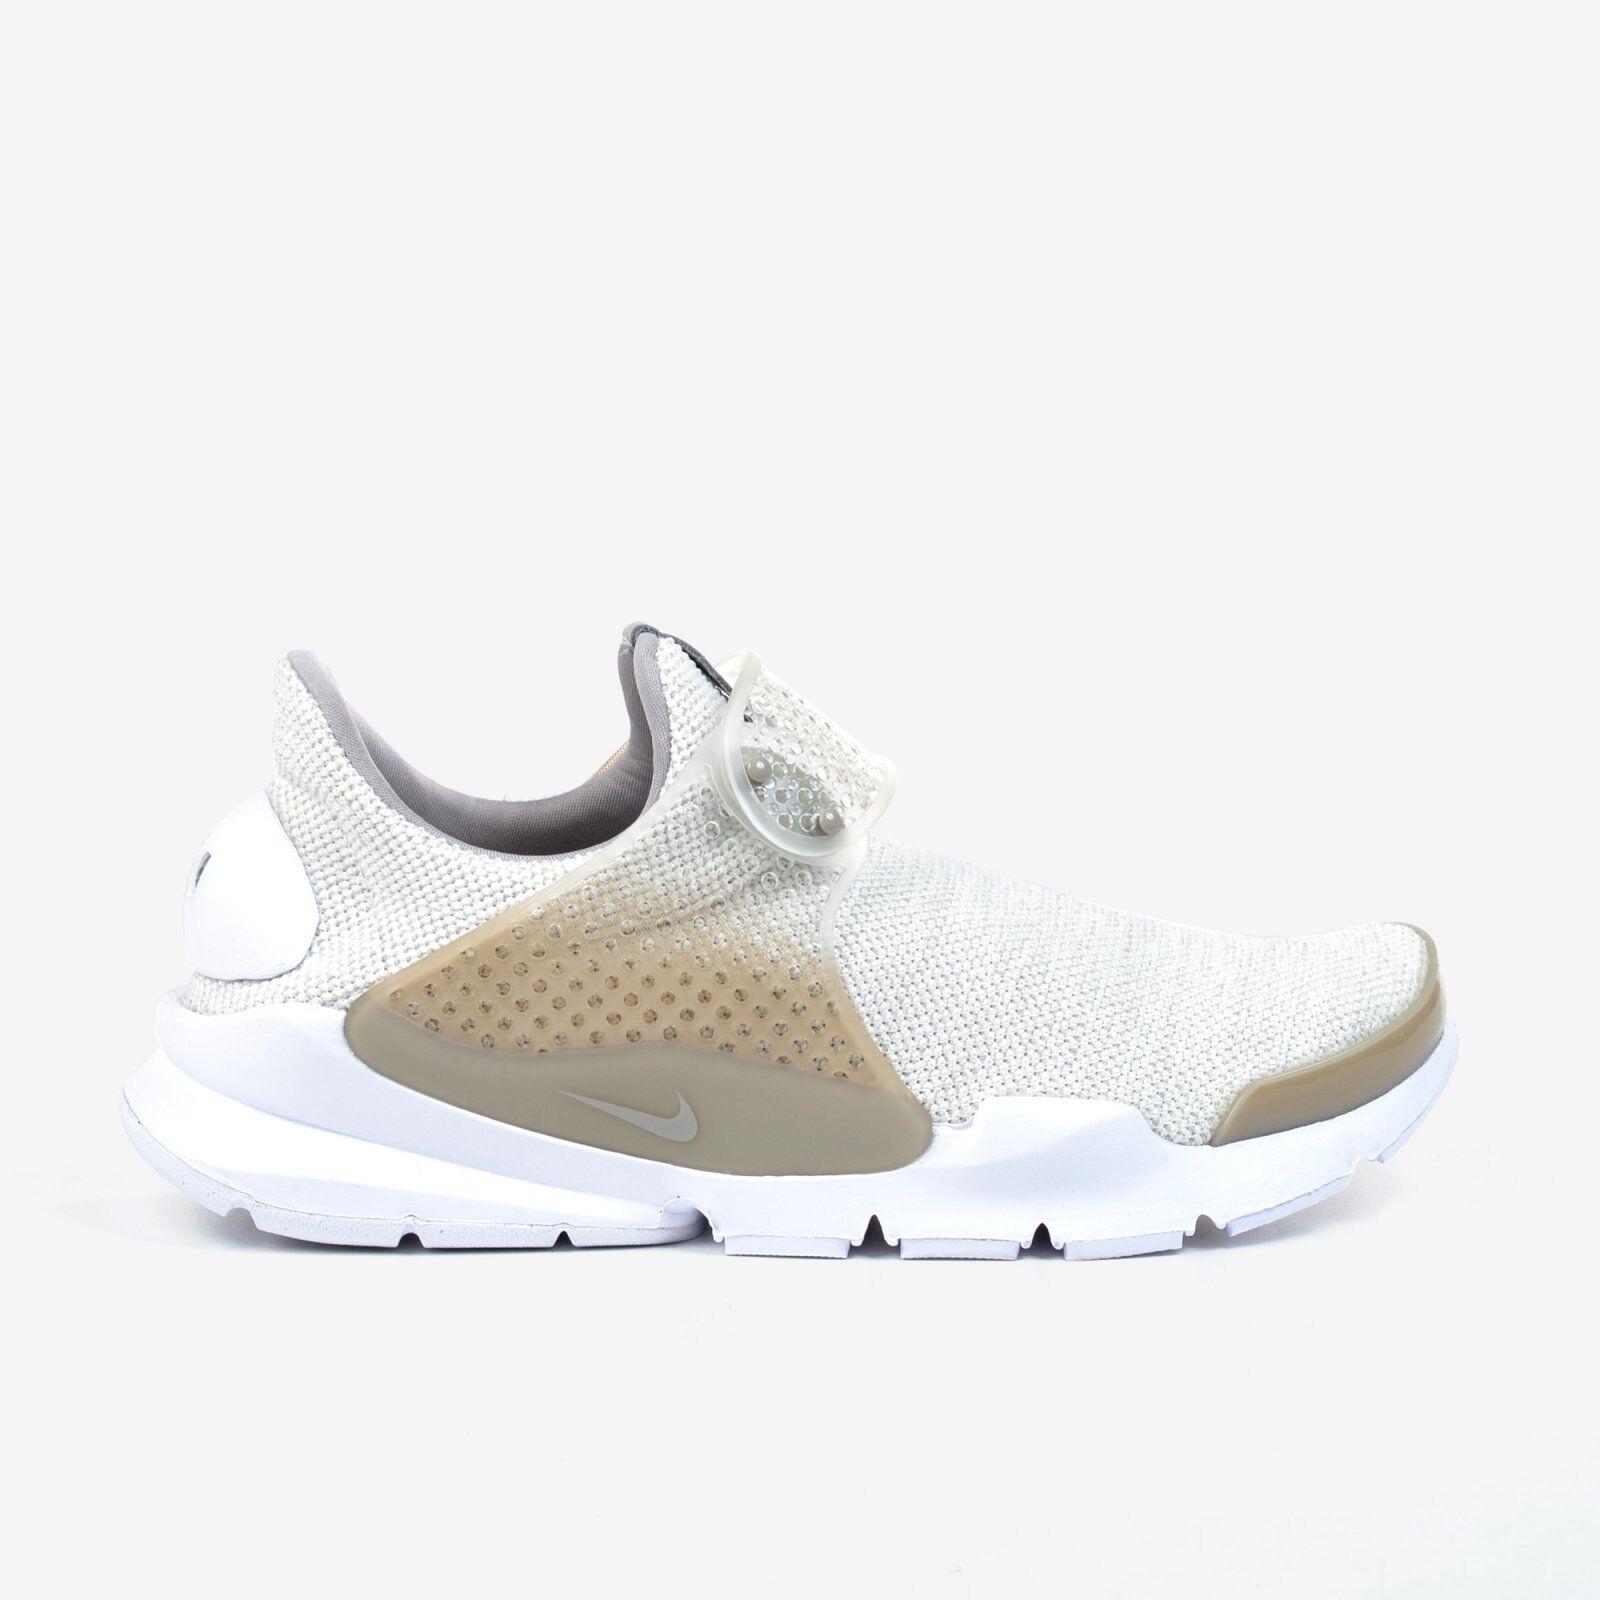 Nike Sock Dart SE Sail White Cobblestone Men's Shoes NIB 911404-100